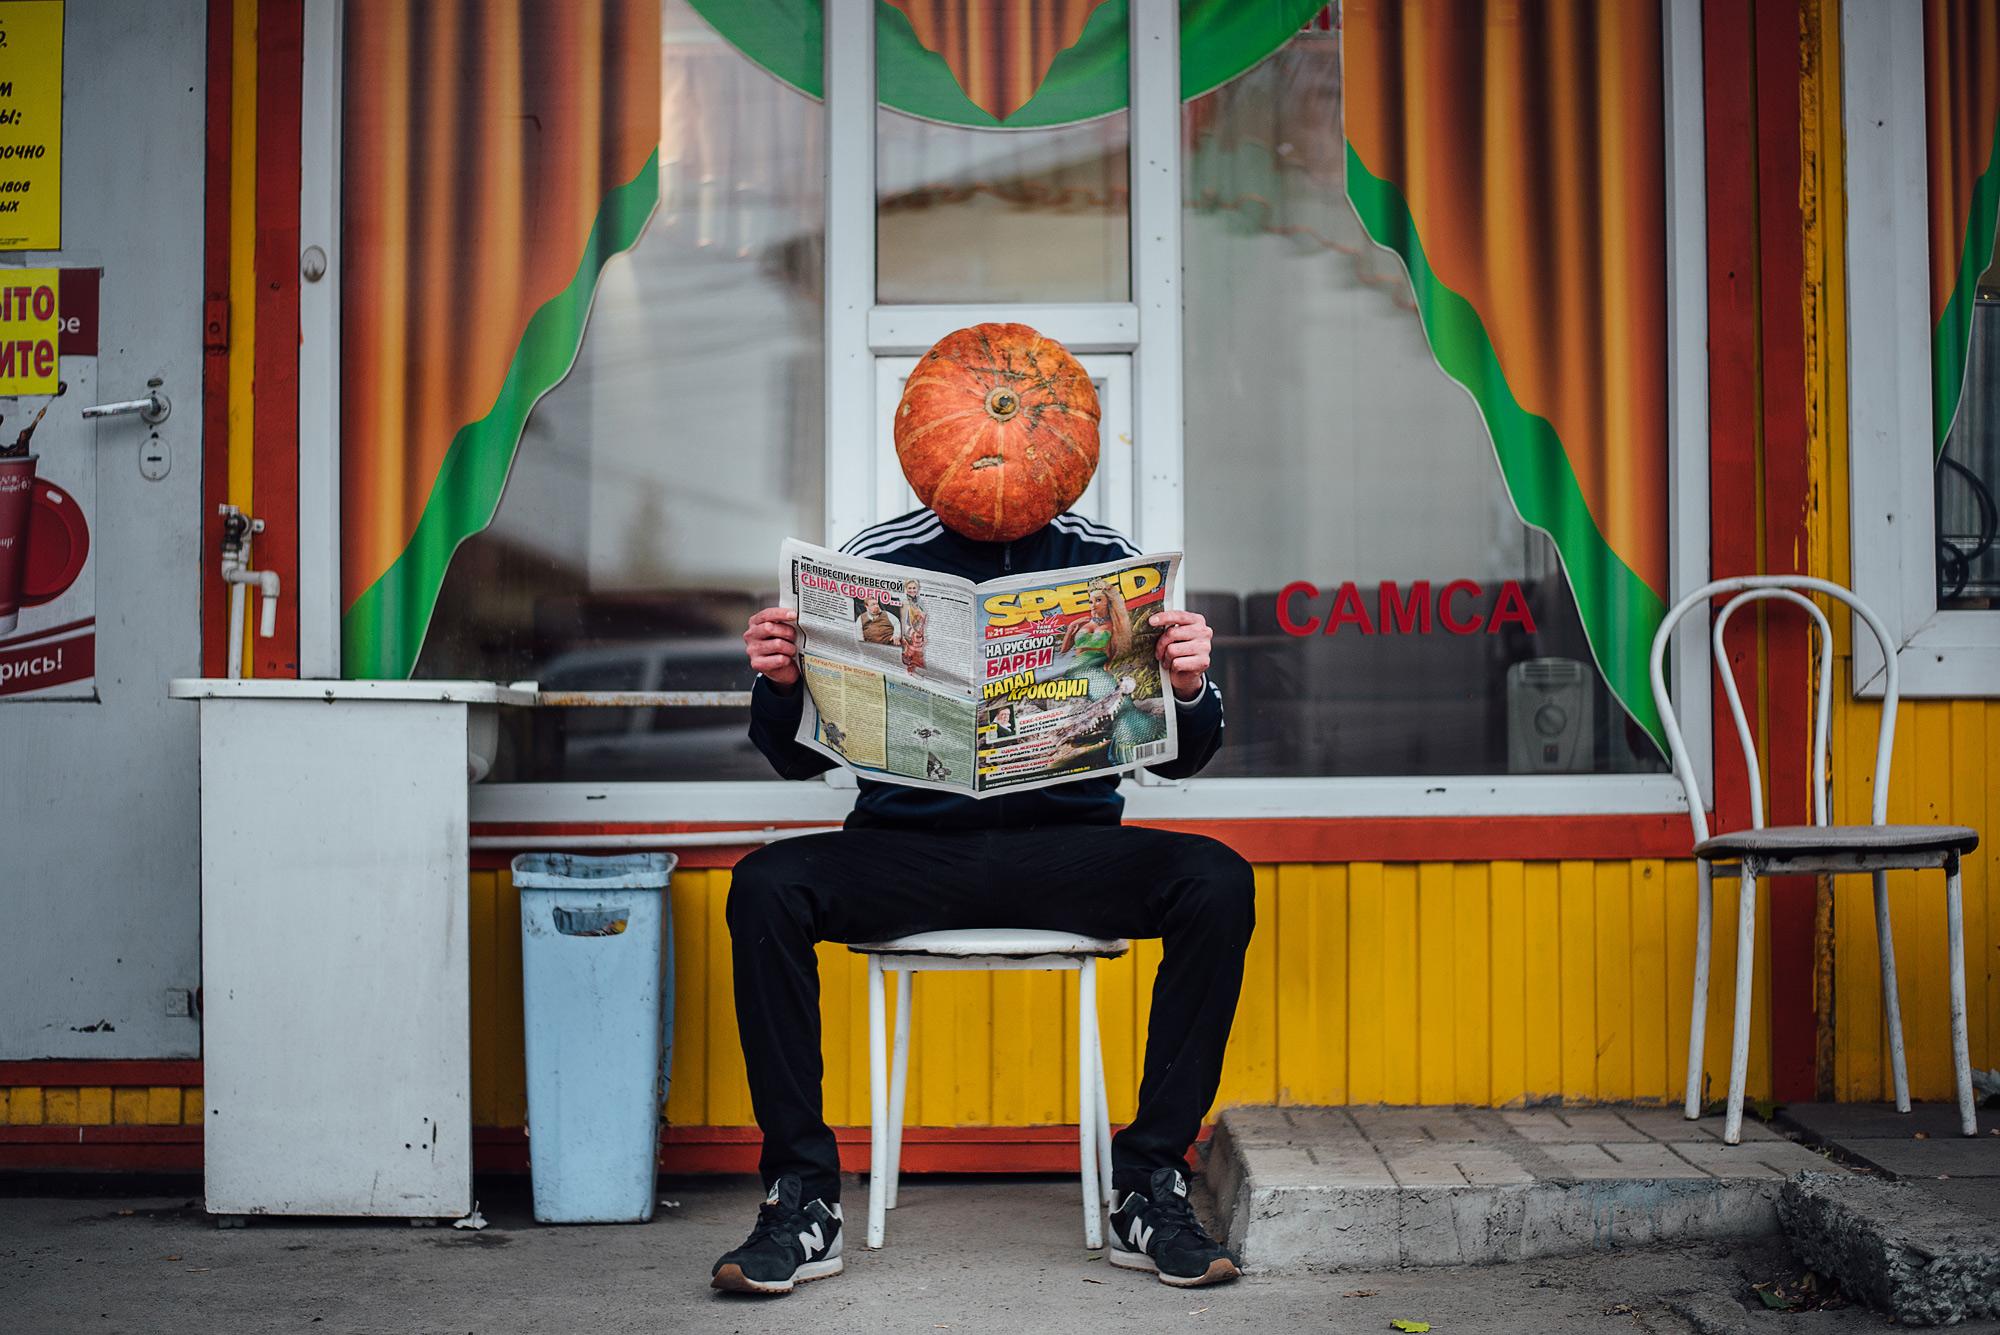 Чтобы снять серию к Хеллоуину фотограф потратила всего тысячу рублей